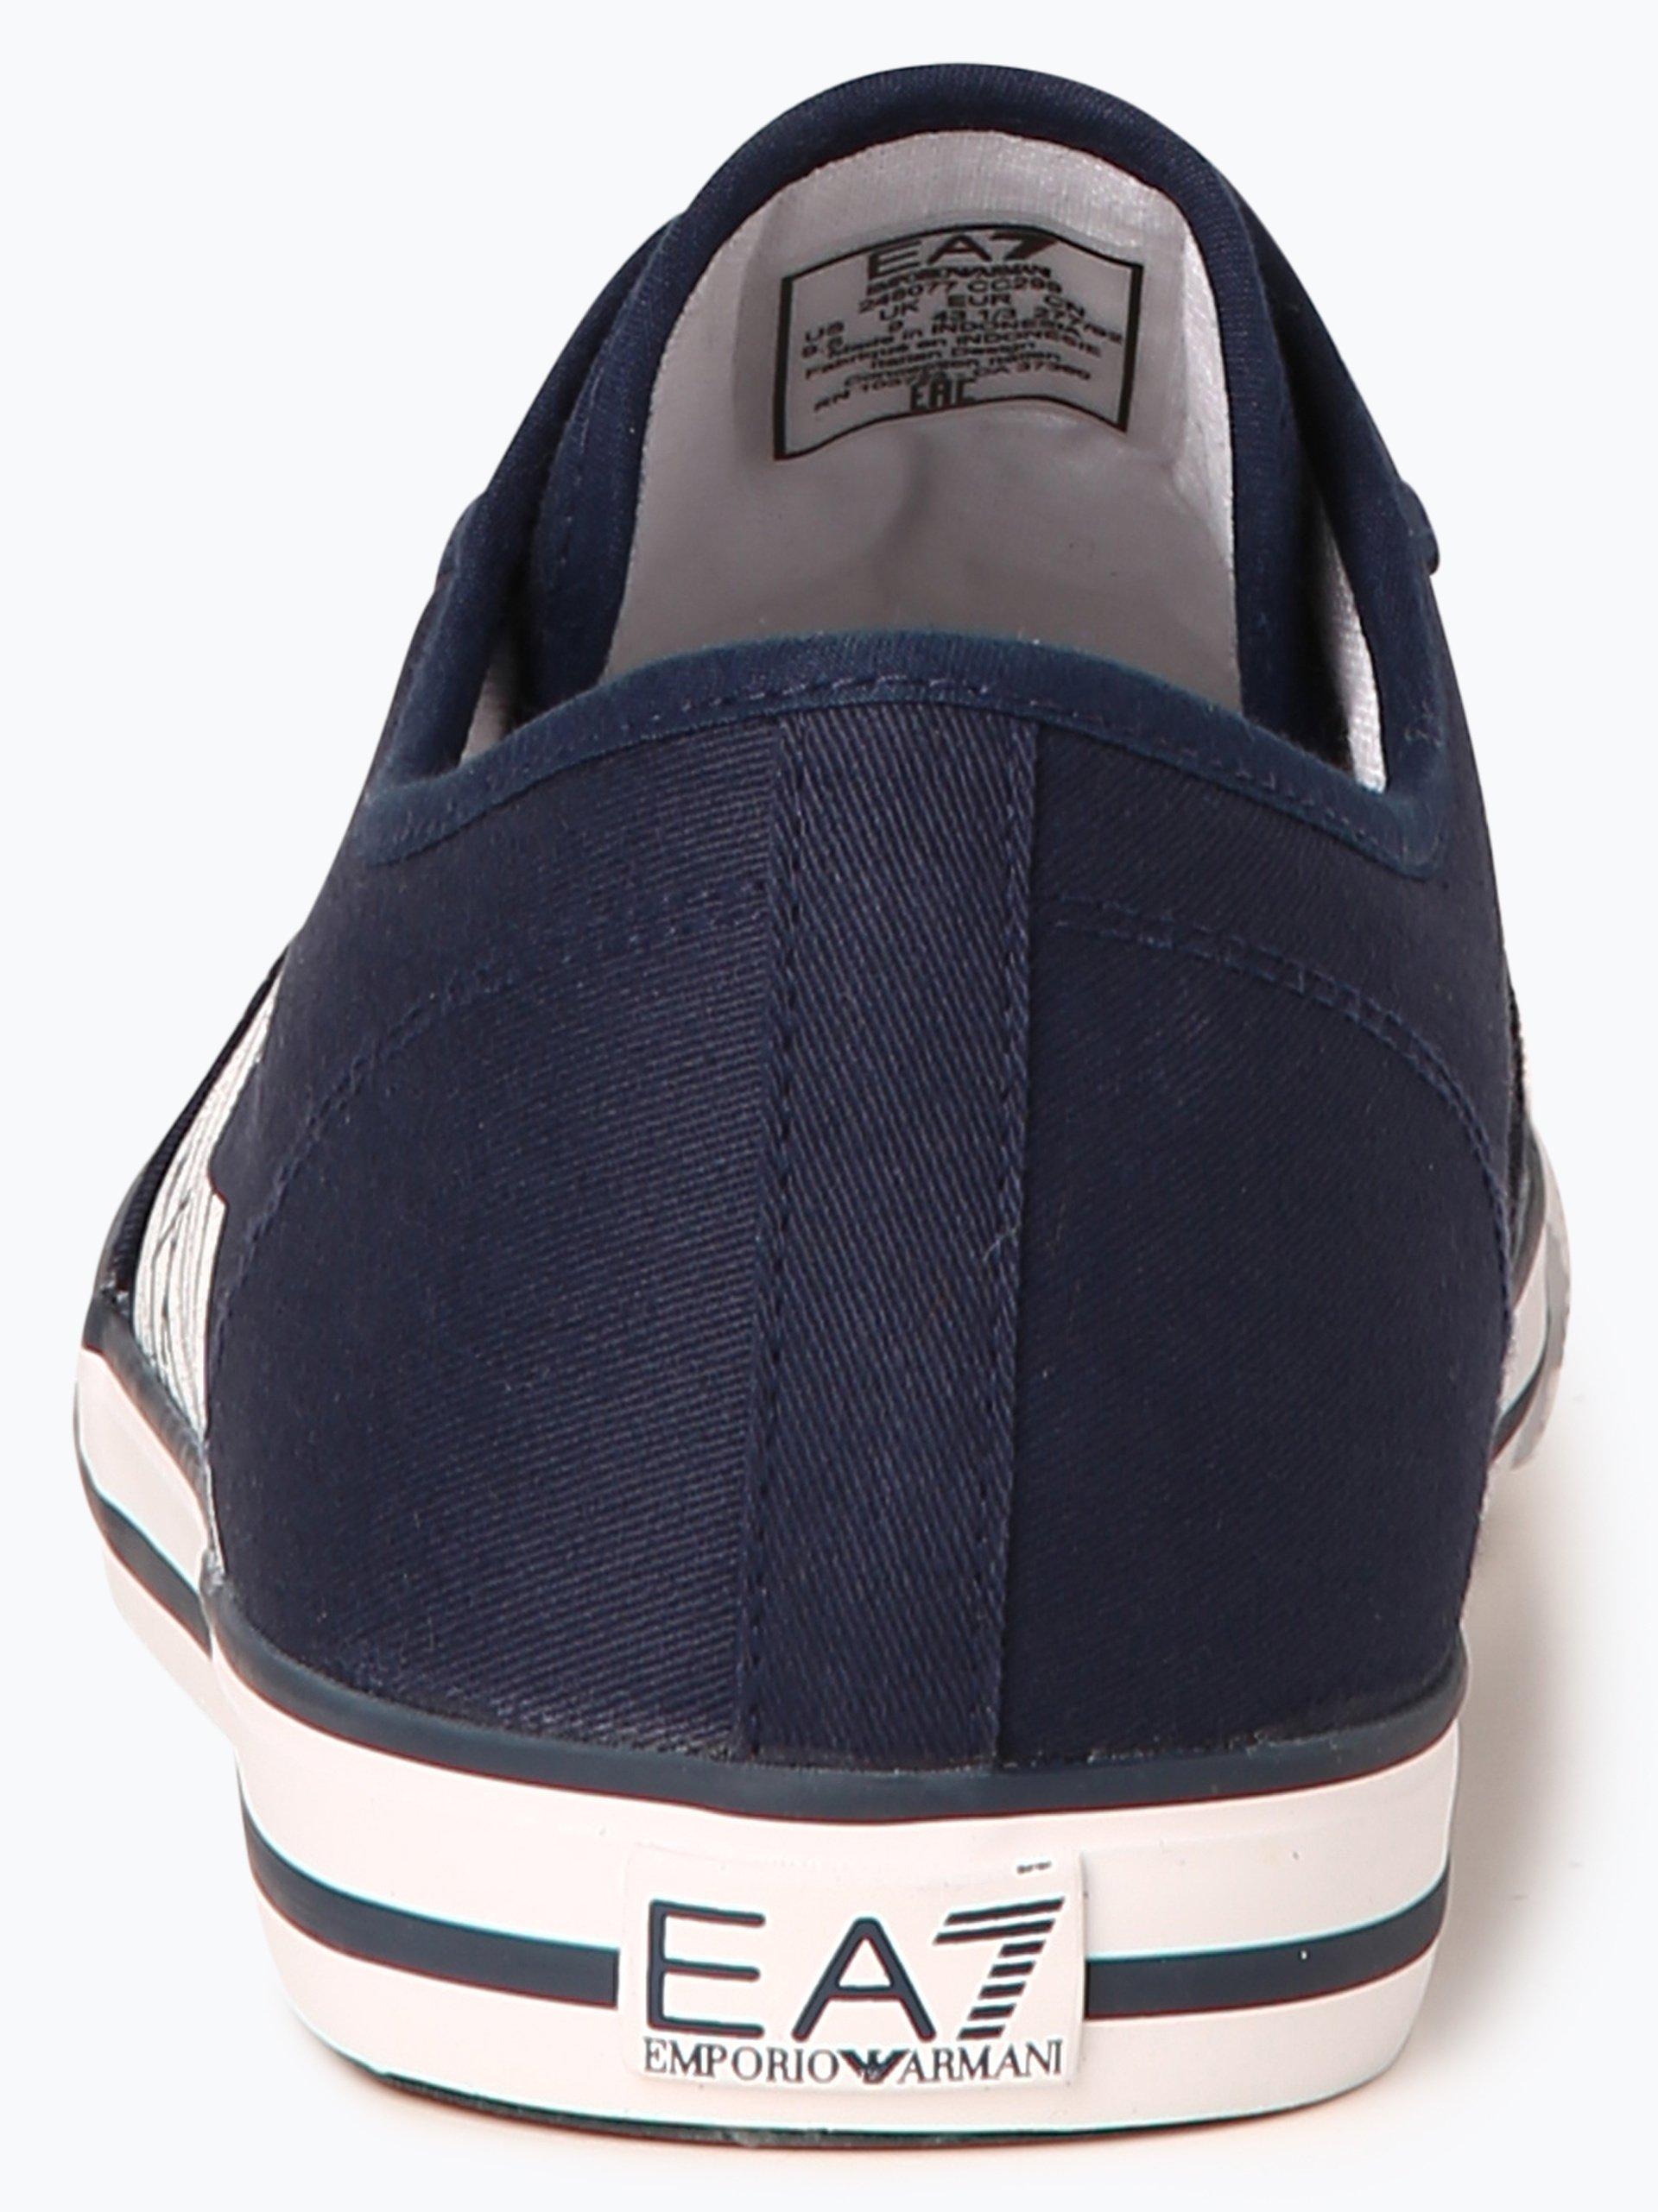 EA7 Emporio Armani Herren Sneaker - Cult Vintage